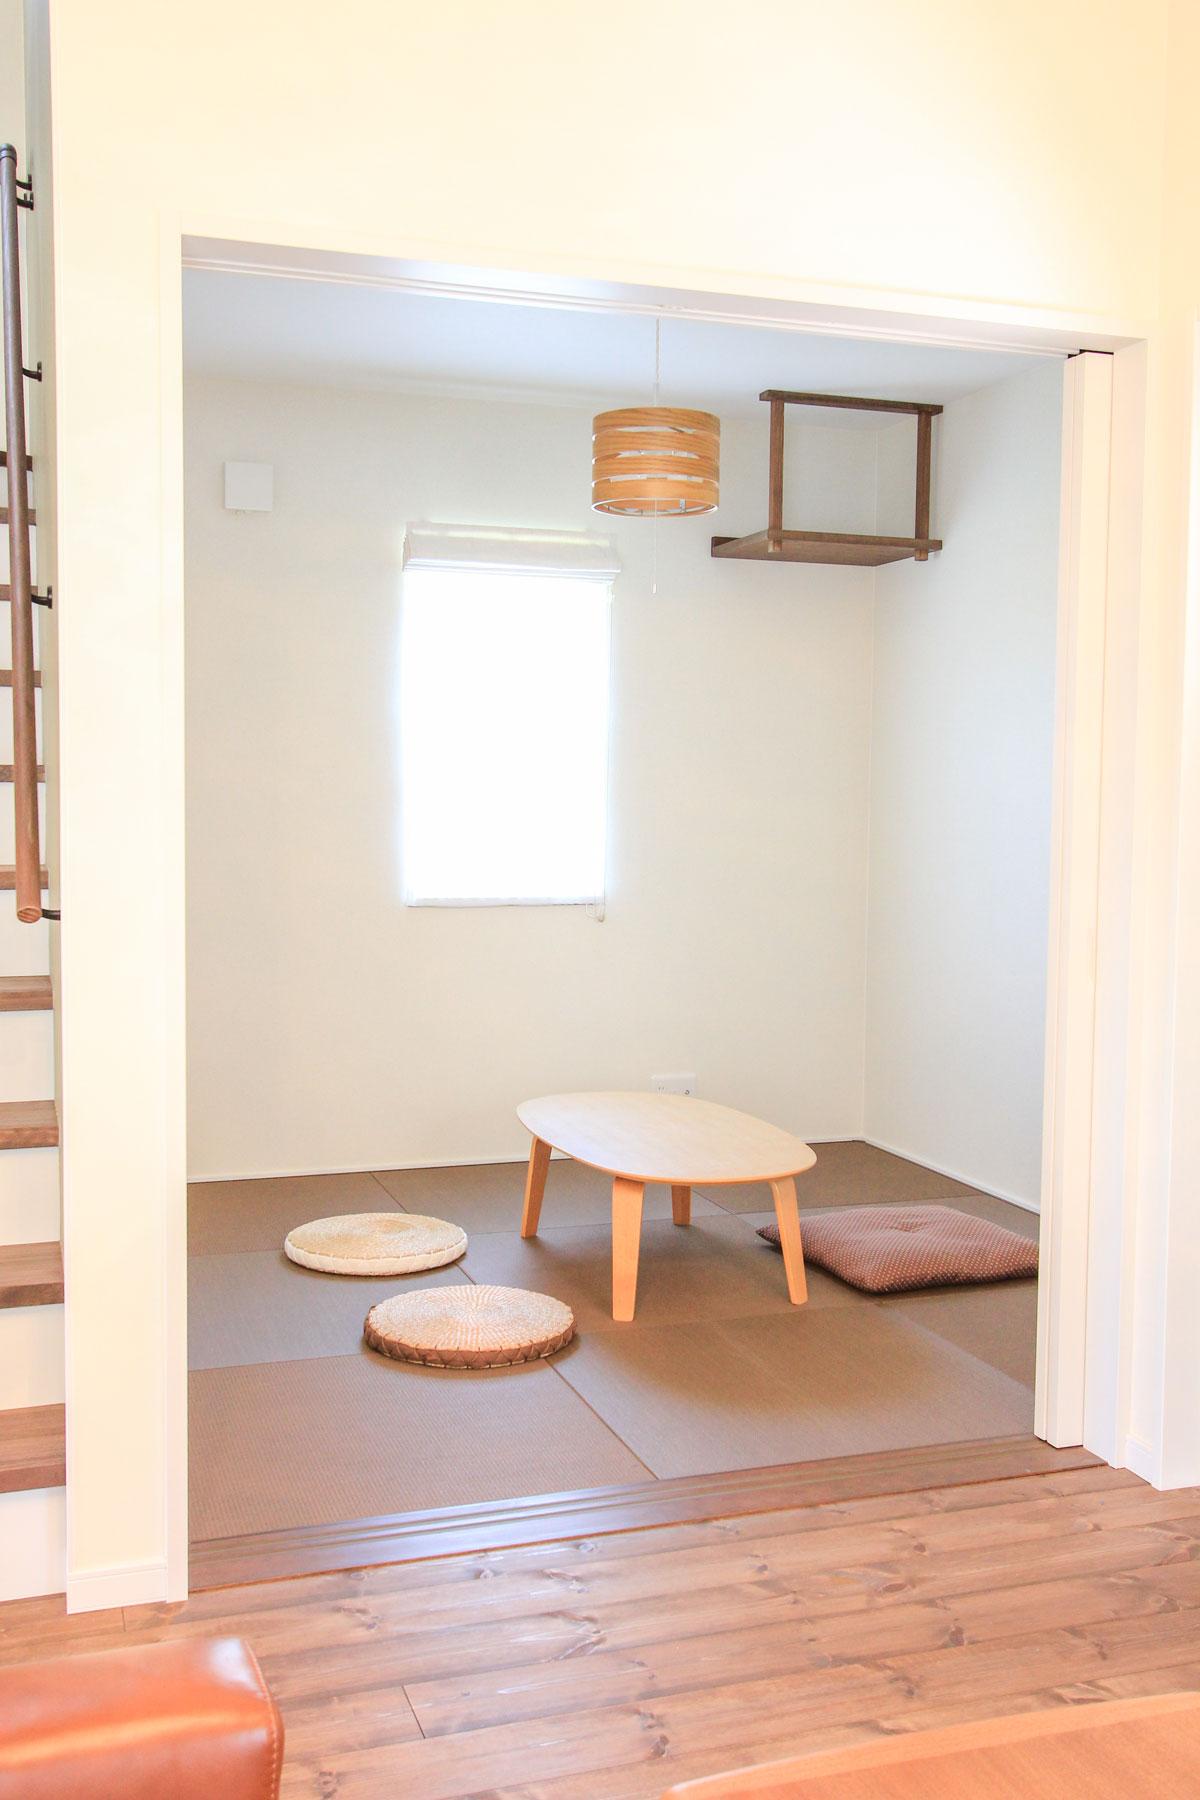 ブラウンの琉球畳がかわいい和室